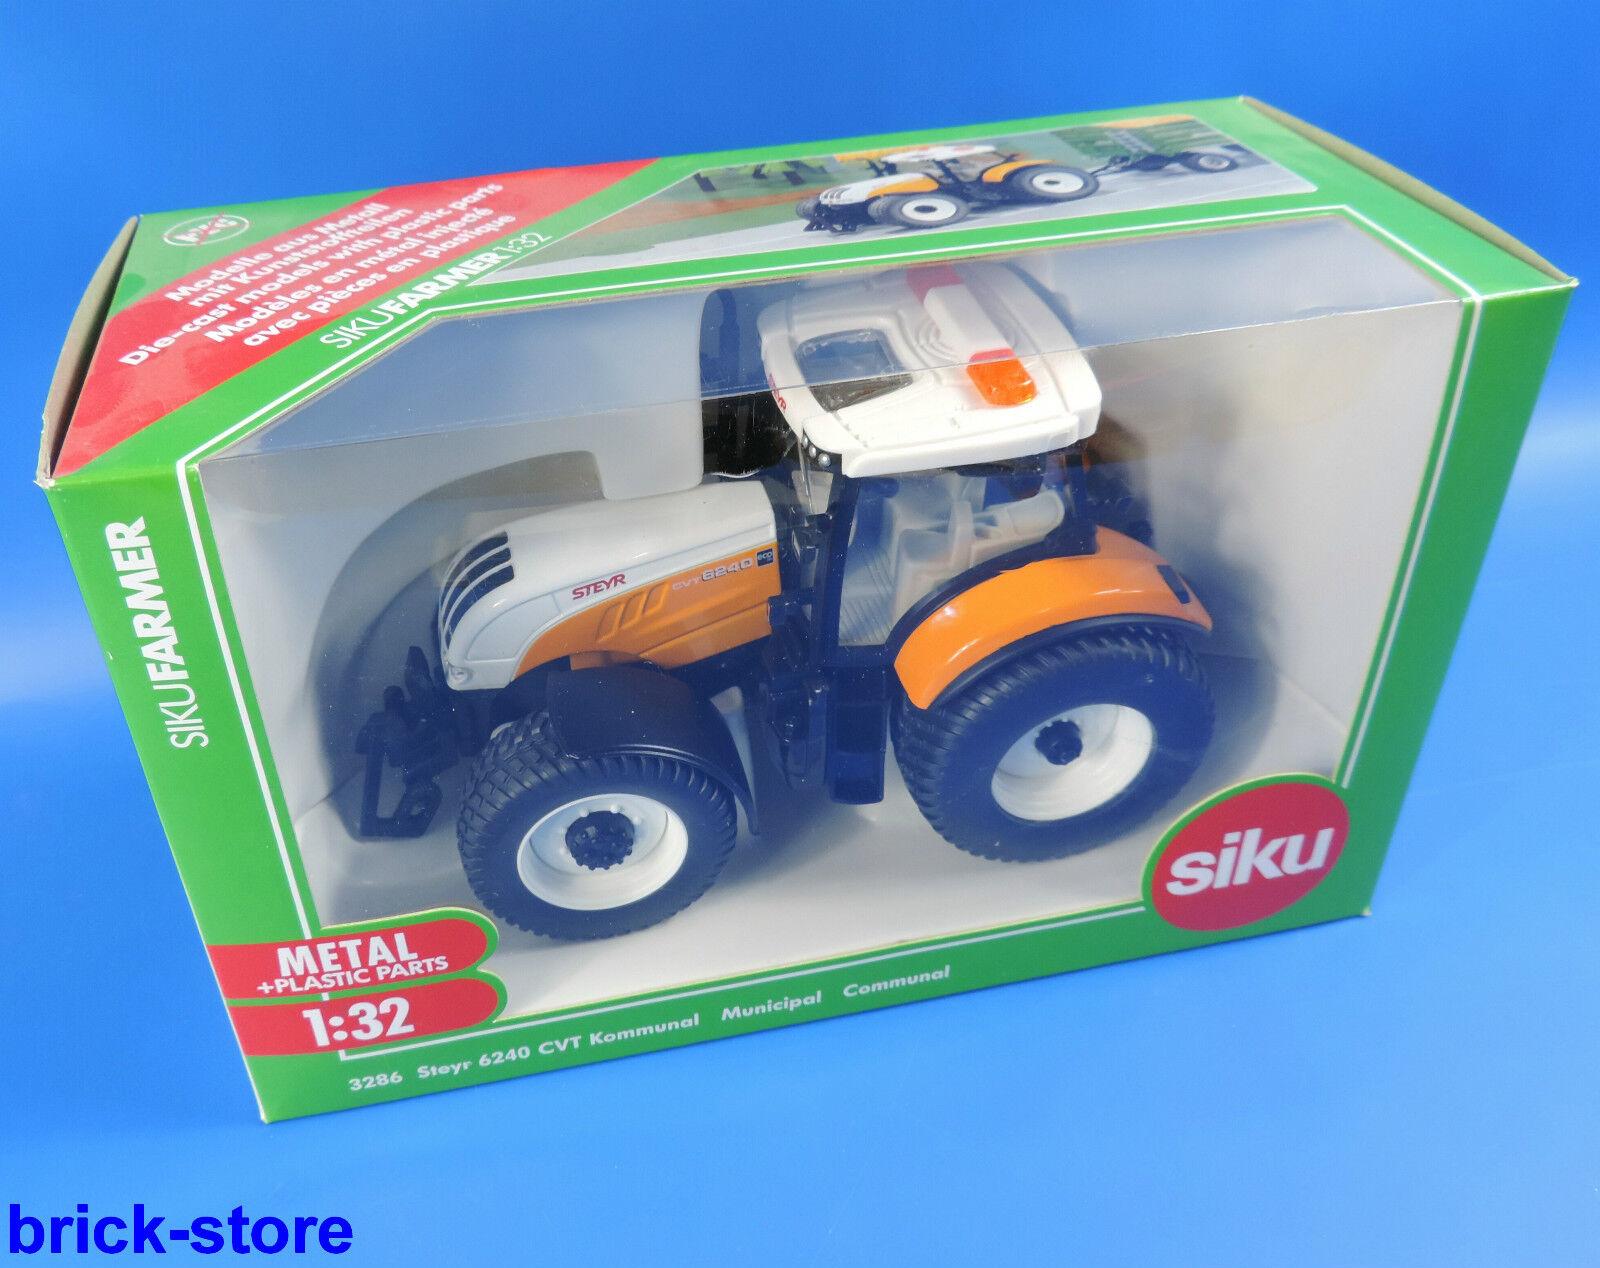 SIKU 3286   1 3 2 SIKU AGRICULTEUR   Steyr 6240 CVT COMMUNAL